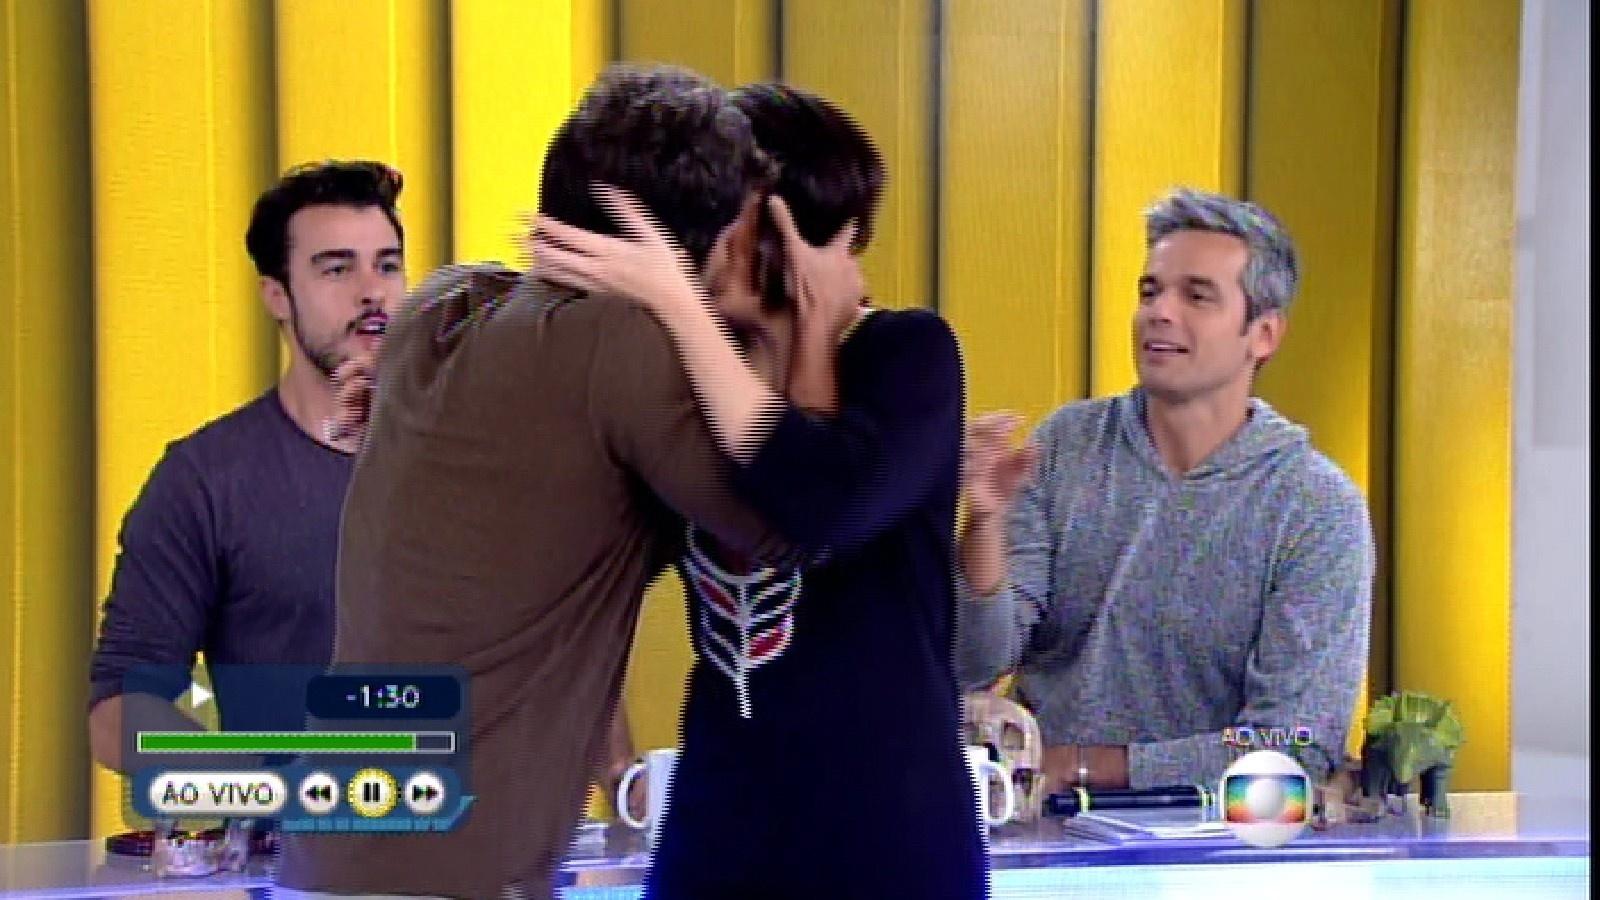 15.jun.2015 - Bruno Gagliasso entra no estúdio do programa e dá um beijo técnico em Monica Iozzi e um selinho em Otaviano Costa